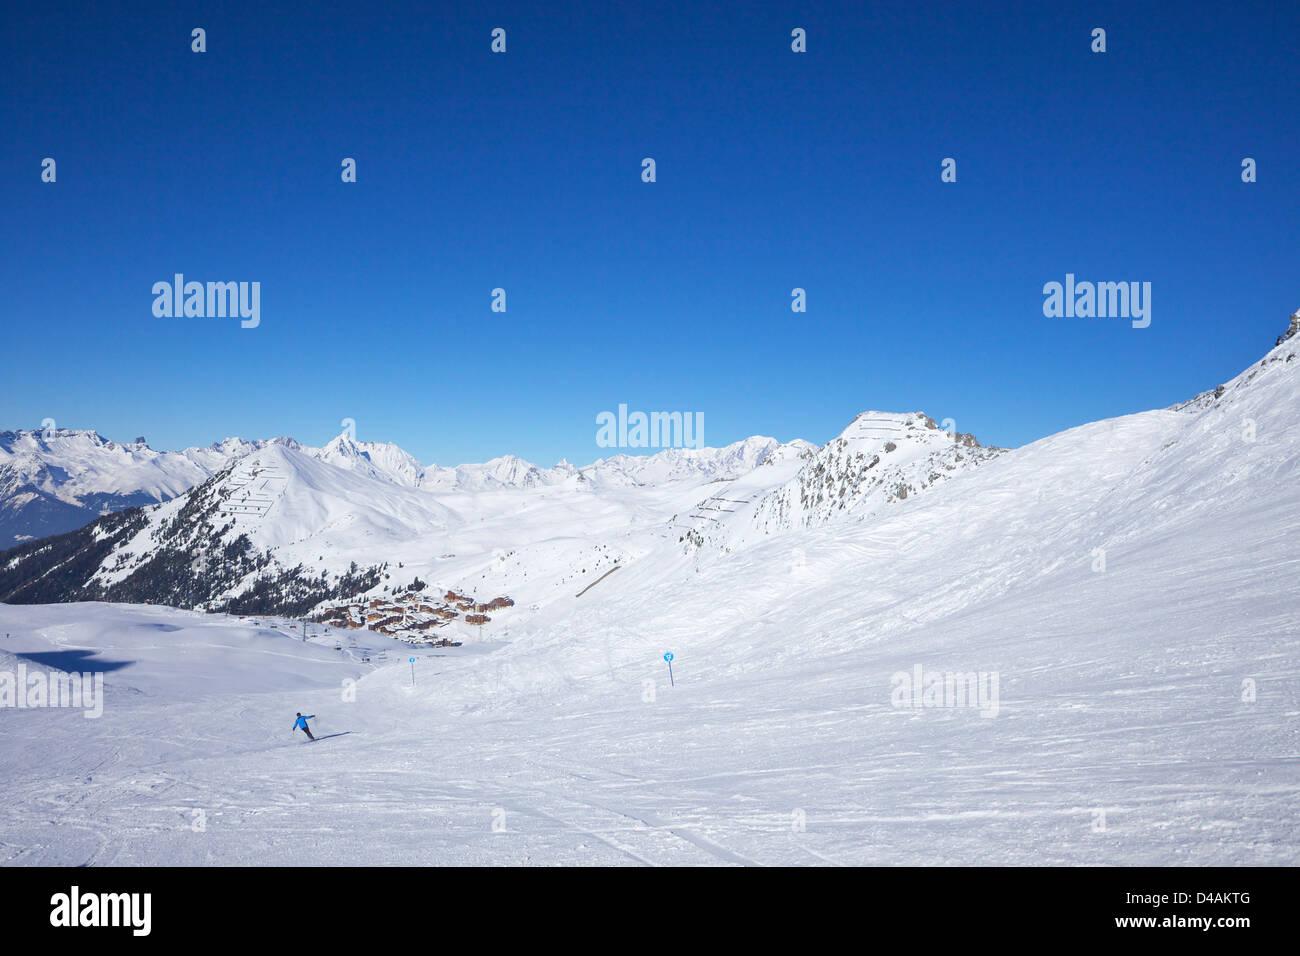 Les Blanchets blue piste, winter sun, La Plagne, France, Europe - Stock Image